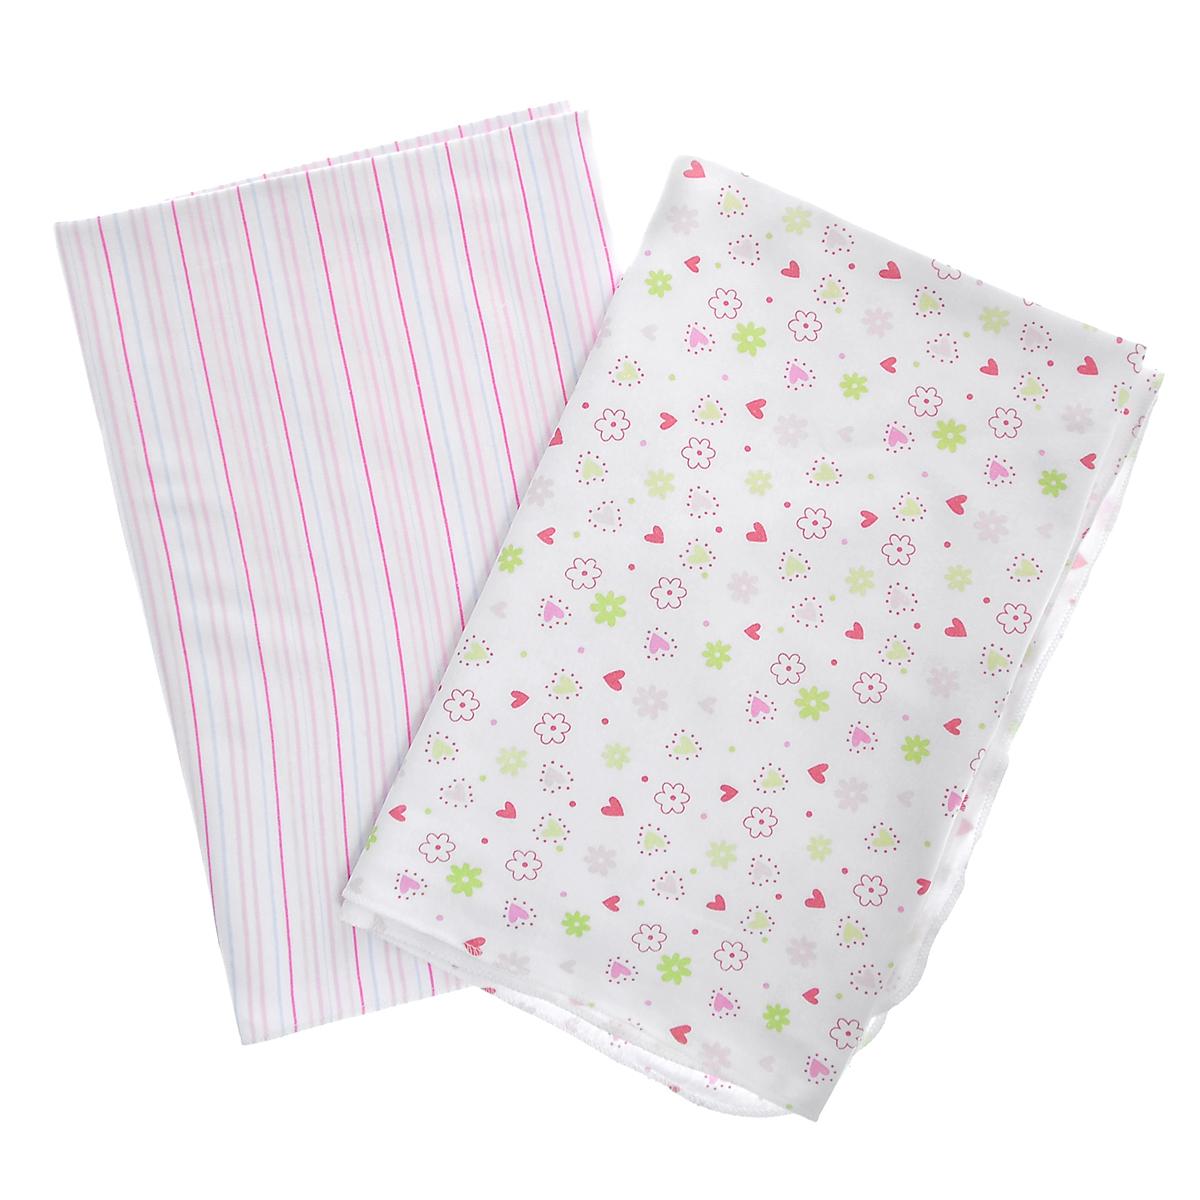 Набор пеленок Spasilk Цветочки, для девочек, цвет: розовый, 76 см х 101 см, 2 штRB SWAD 03Набор пеленок для новорожденной Spasilk Цветочки станет незаменимым помощником в уходе за ребенком. Пеленку также можно использовать как легкое одеяло, простынку, полотенце после купания, солнечный козырек, накидку для кормления грудью или как согревающий компресс при коликах. Пеленки изготовлены из стопроцентного хлопка, благодаря чему они мягкие, приятные на ощупь и абсолютно безопасны для малыша. В набор входят две пеленки: в голубую, розовую и лиловую полоски и оформленная изображениями цветочков и сердечек. Характеристики: Материал: 100% хлопок. Размер пеленки: 76 см x 101 см. Изготовитель: Китай.